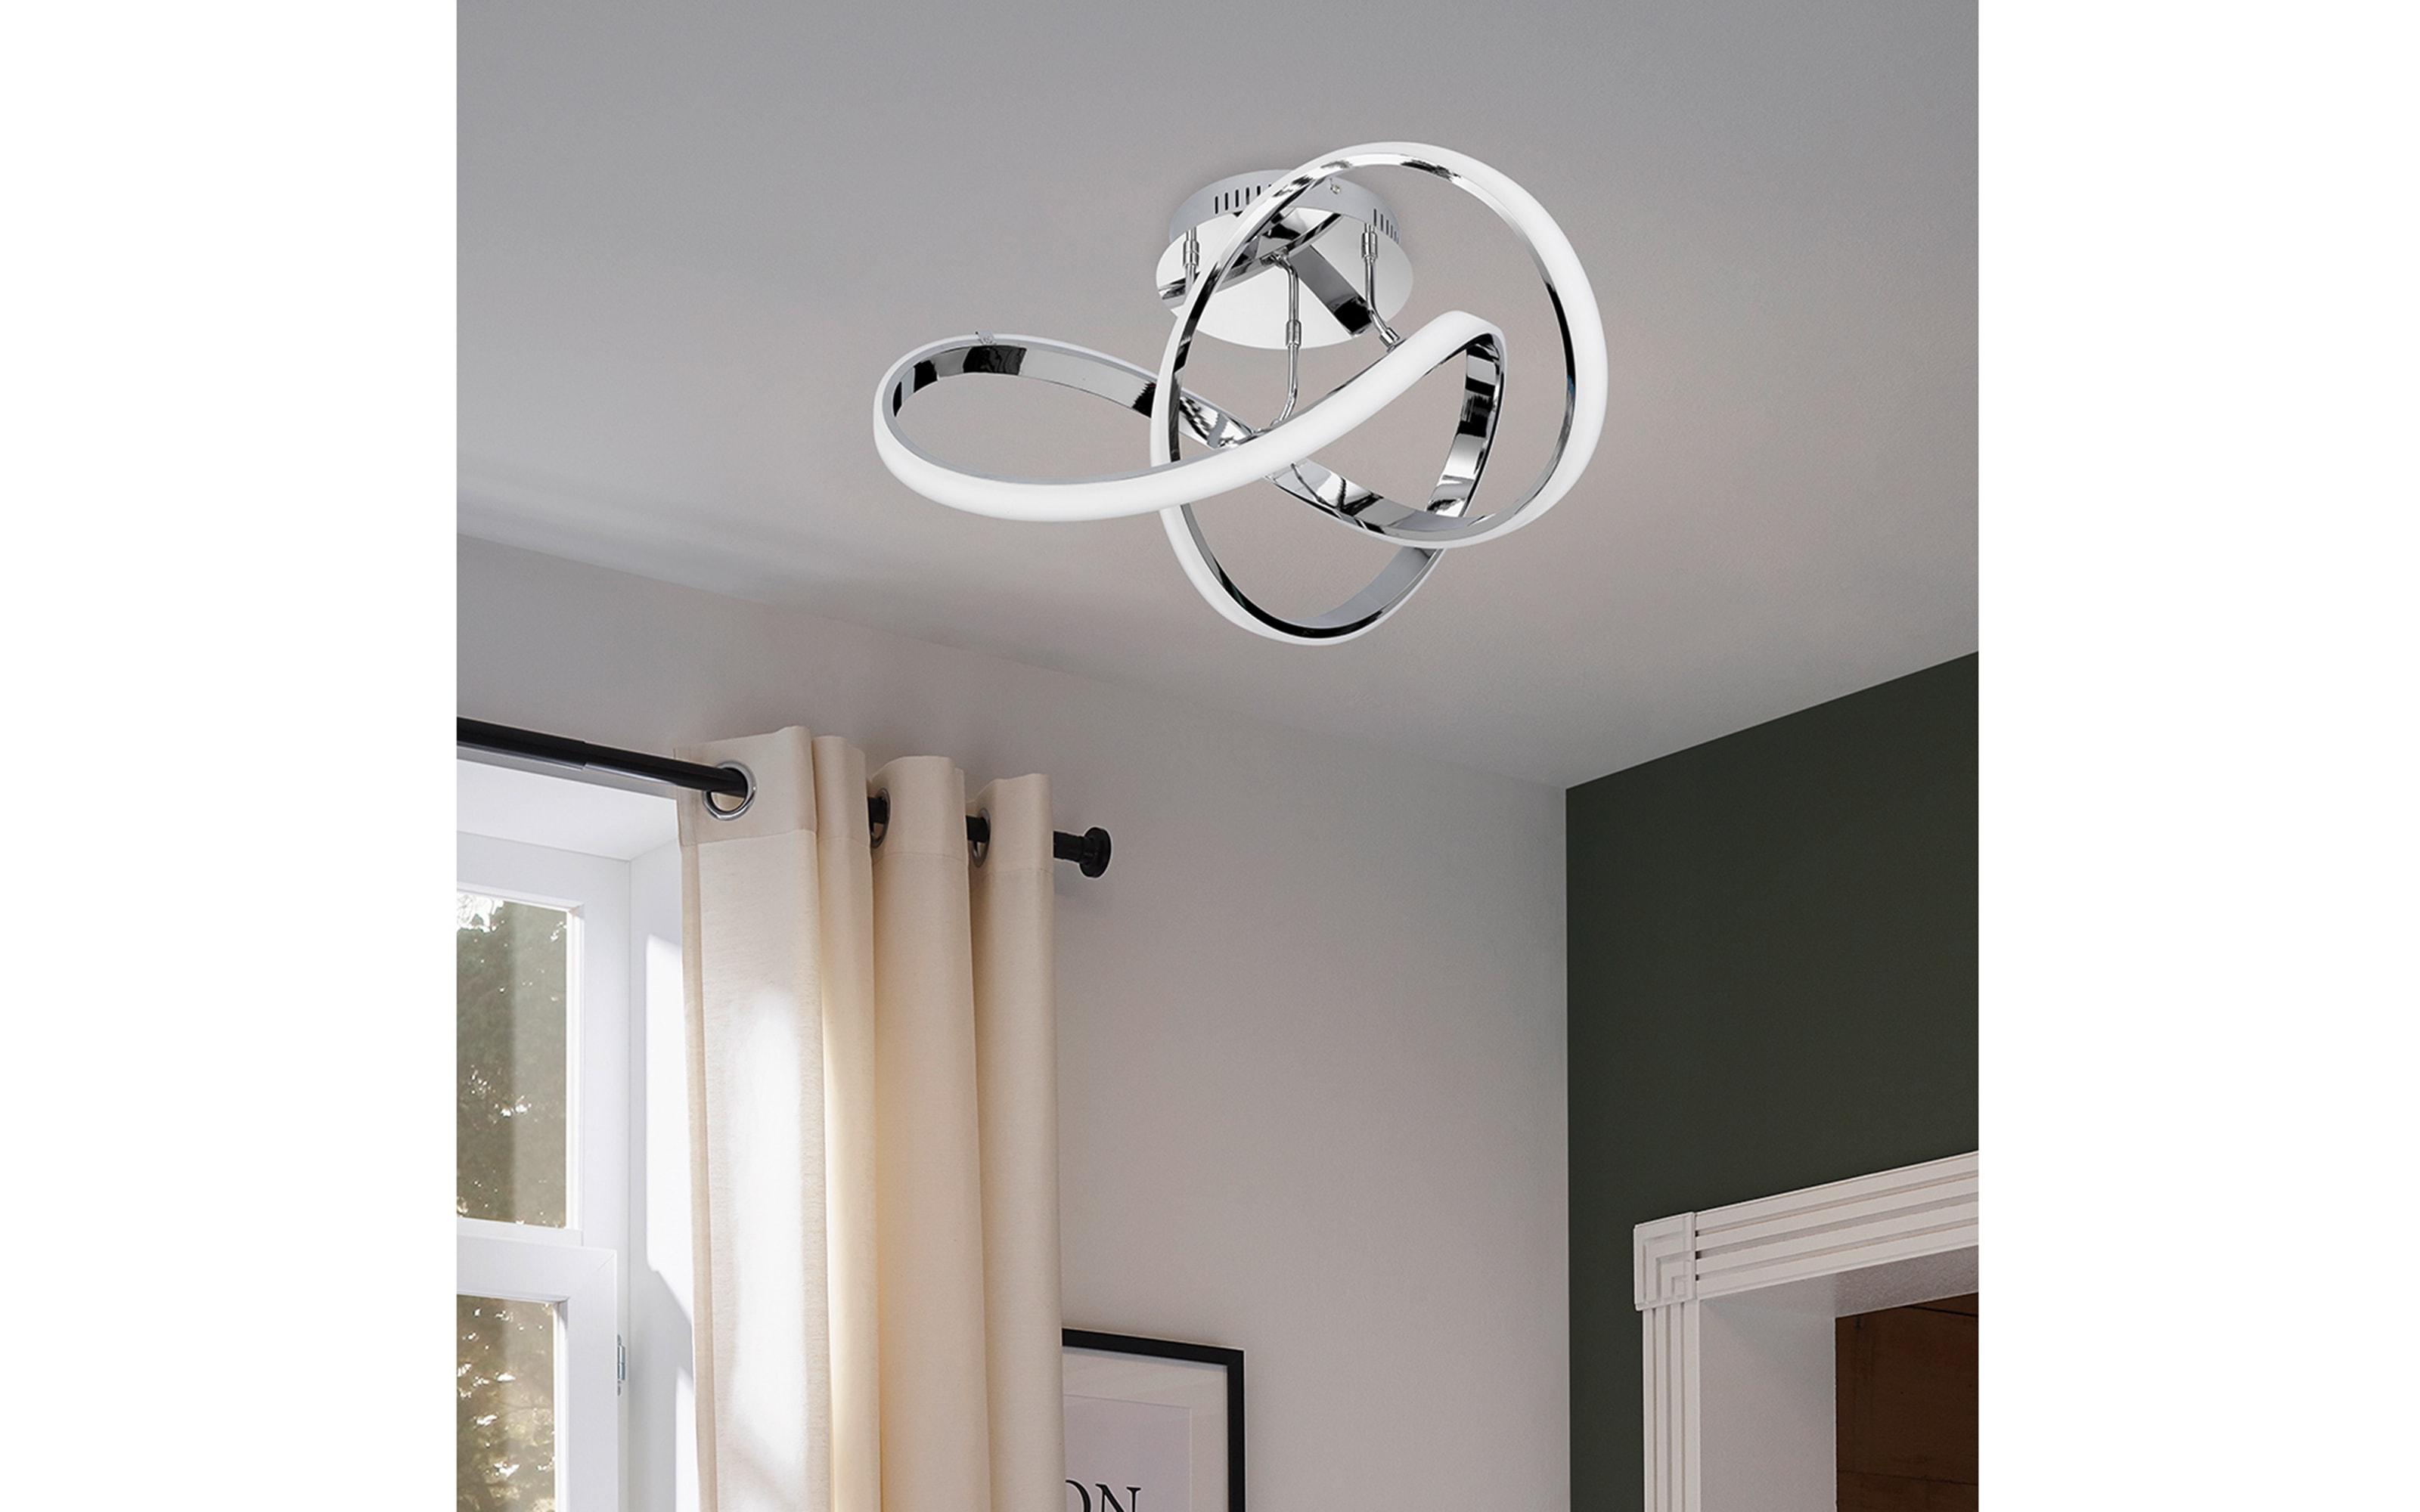 LED-Deckenleuchte Indigo in chromfarbig